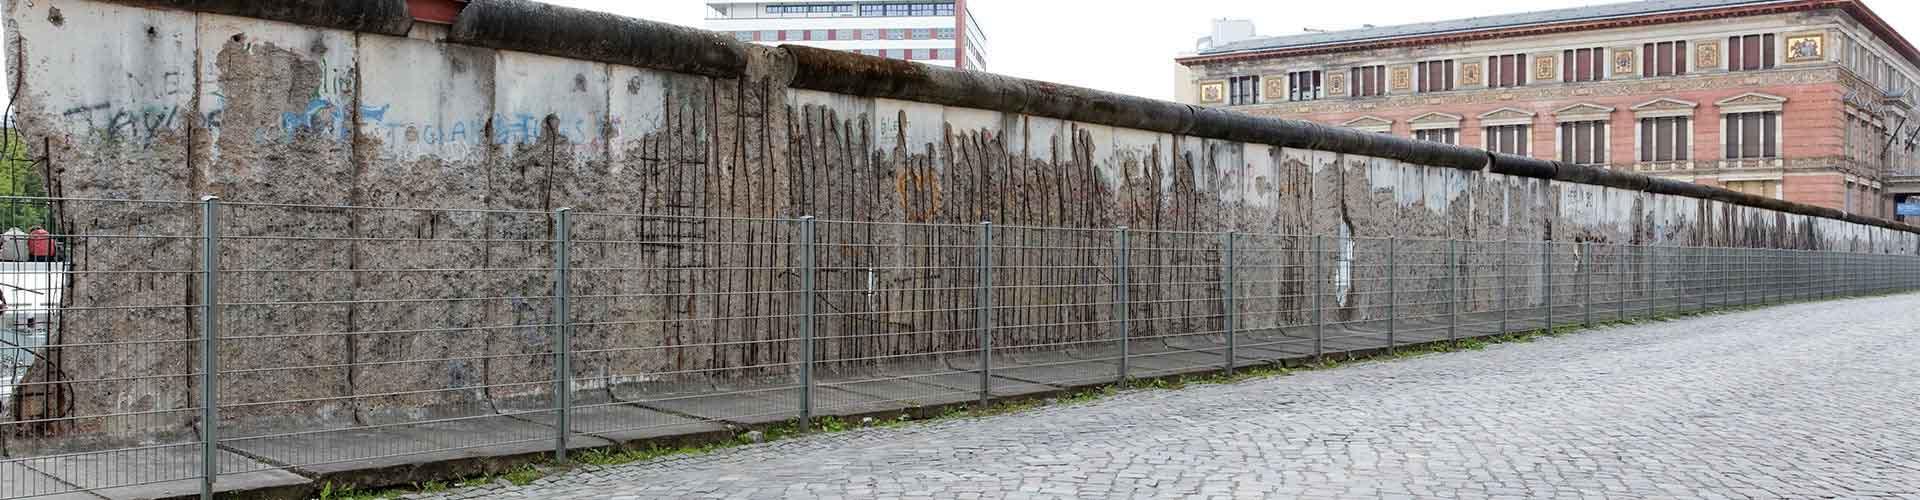 Berlin - Chambres près de Mur de Berlin. Cartes pour Berlin, photos et commentaires pour chaque chambre à Berlin.